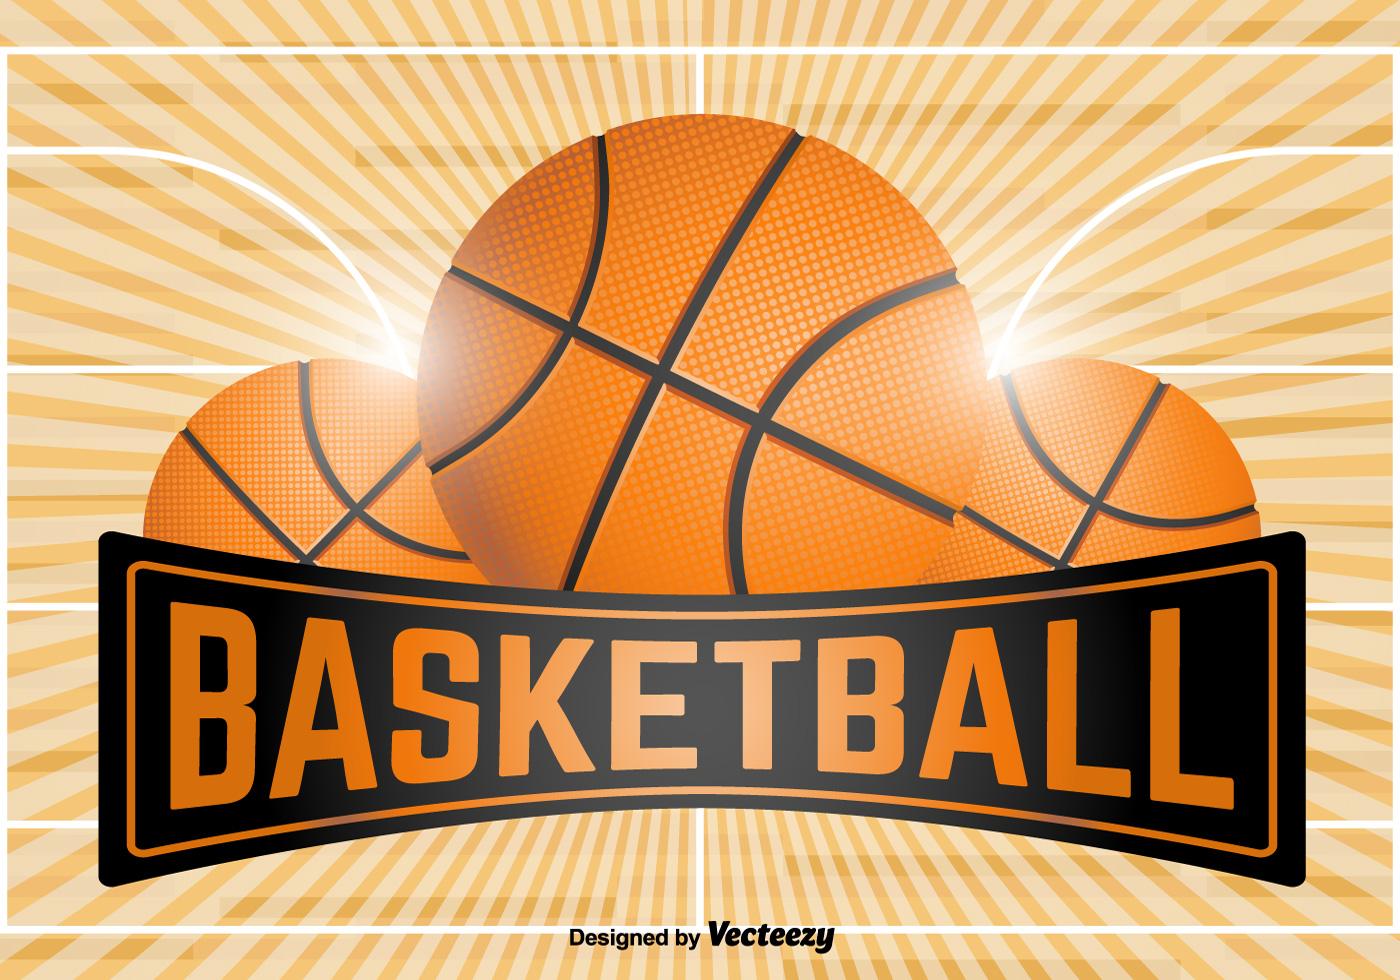 basketball emblem template vector download free. Black Bedroom Furniture Sets. Home Design Ideas